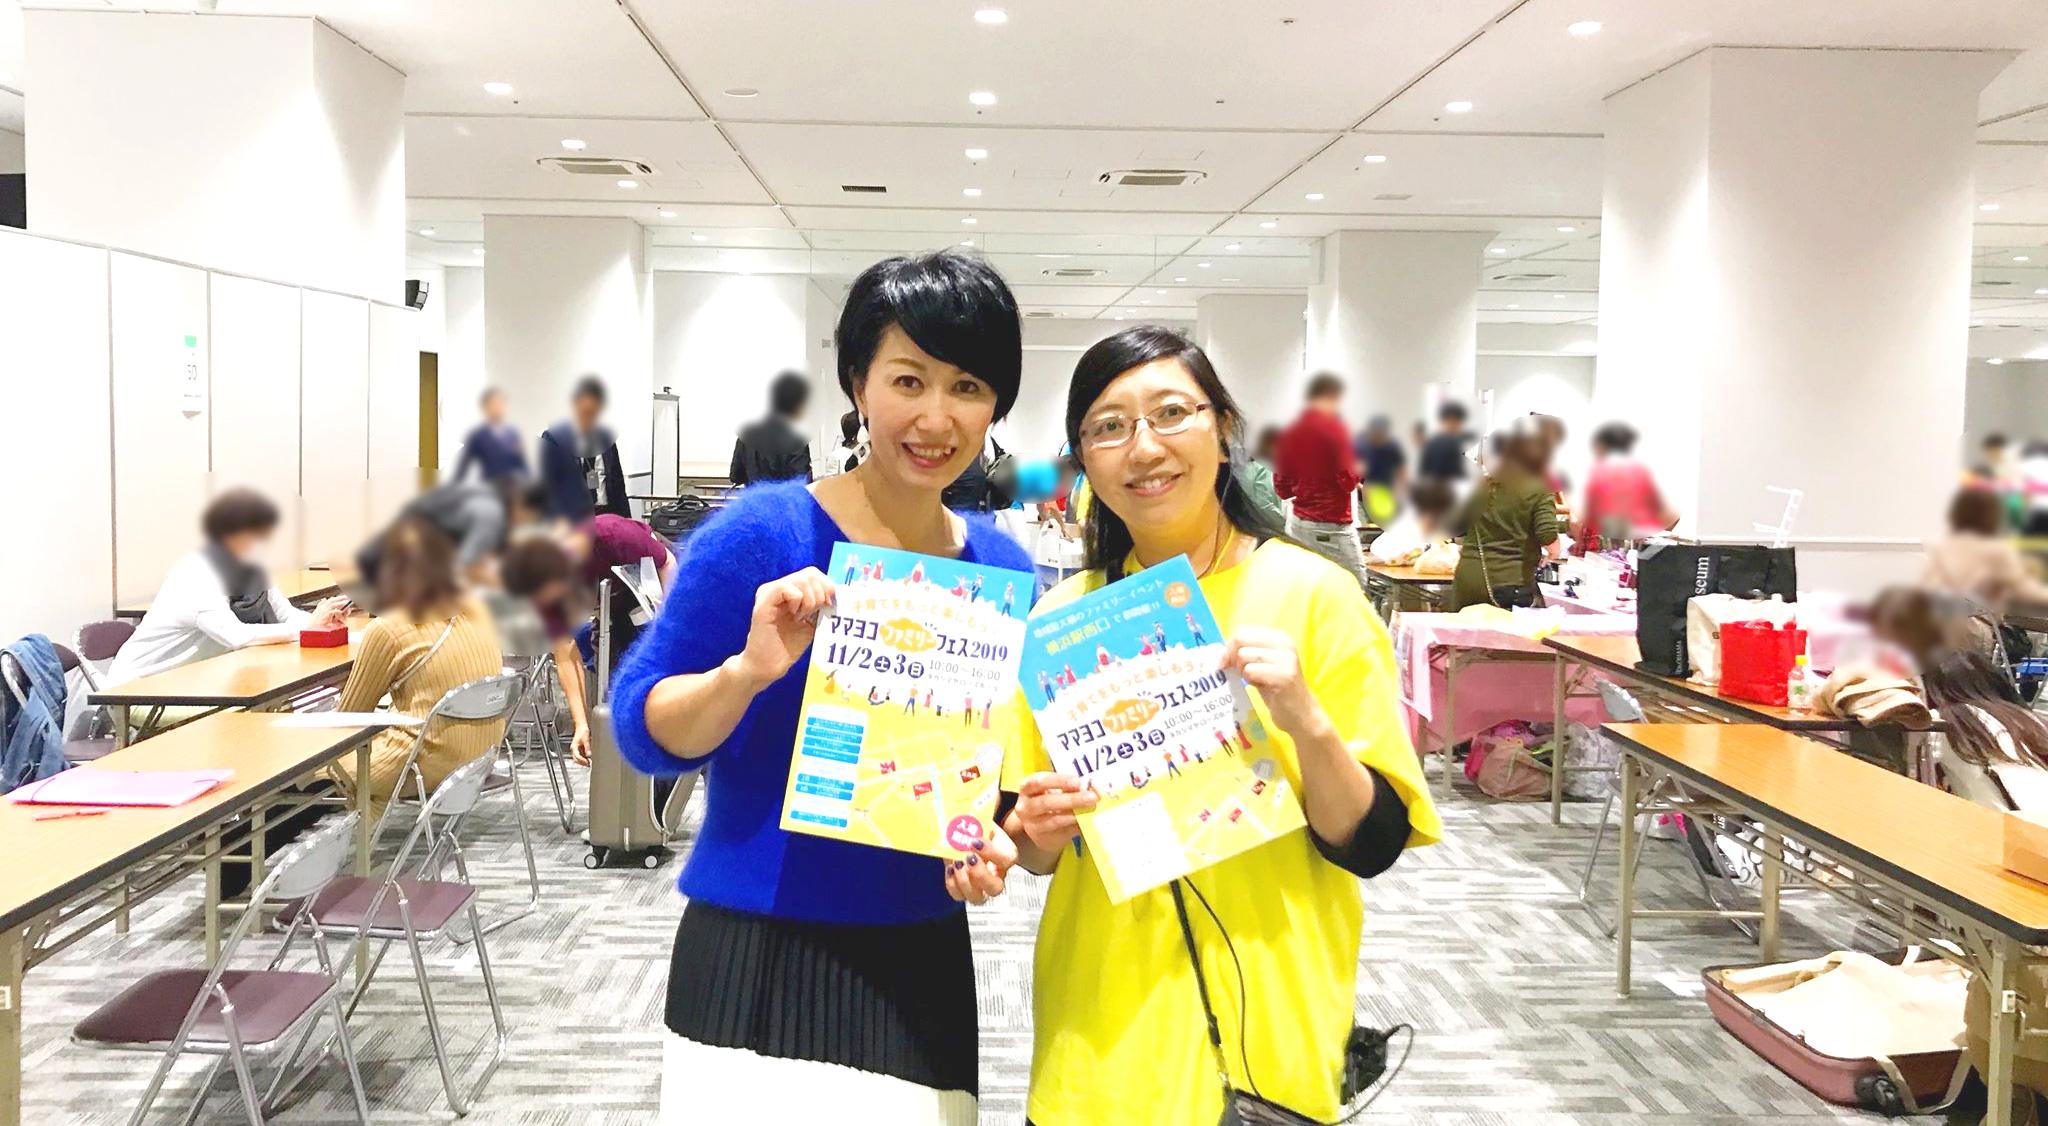 ママヨコファミリーフェス2019:横浜のママ起業家ブース出展あり